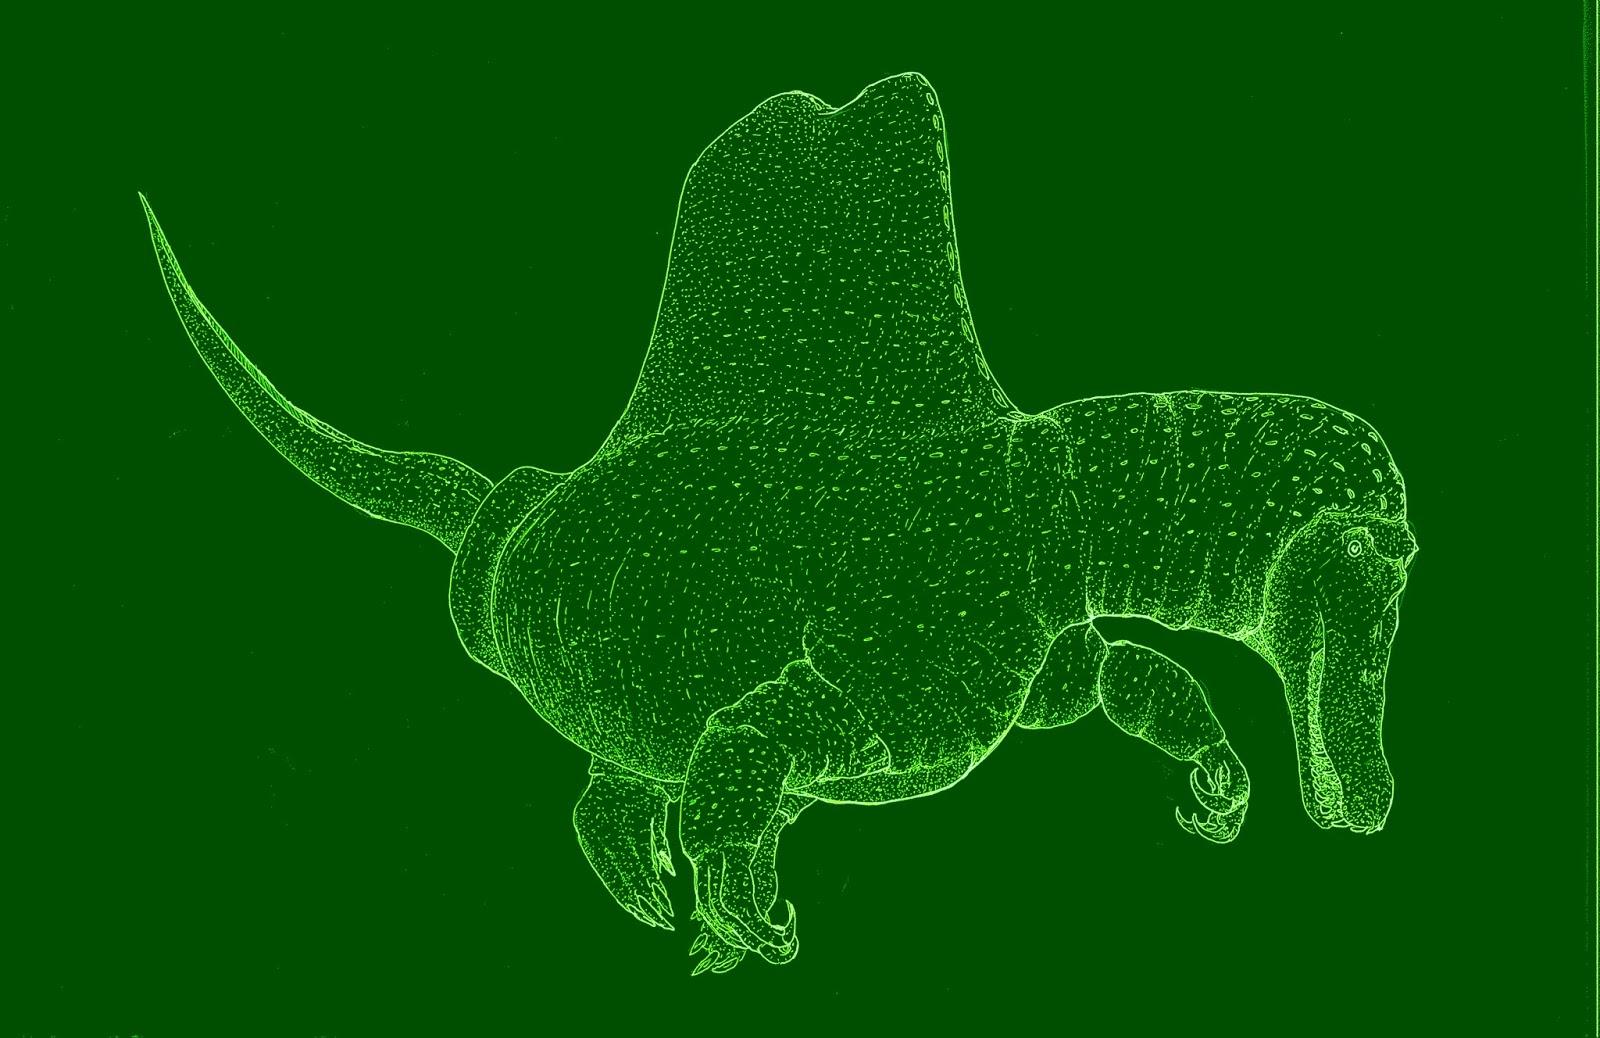 antediluvian salad spinosaurus unauthorized iii run